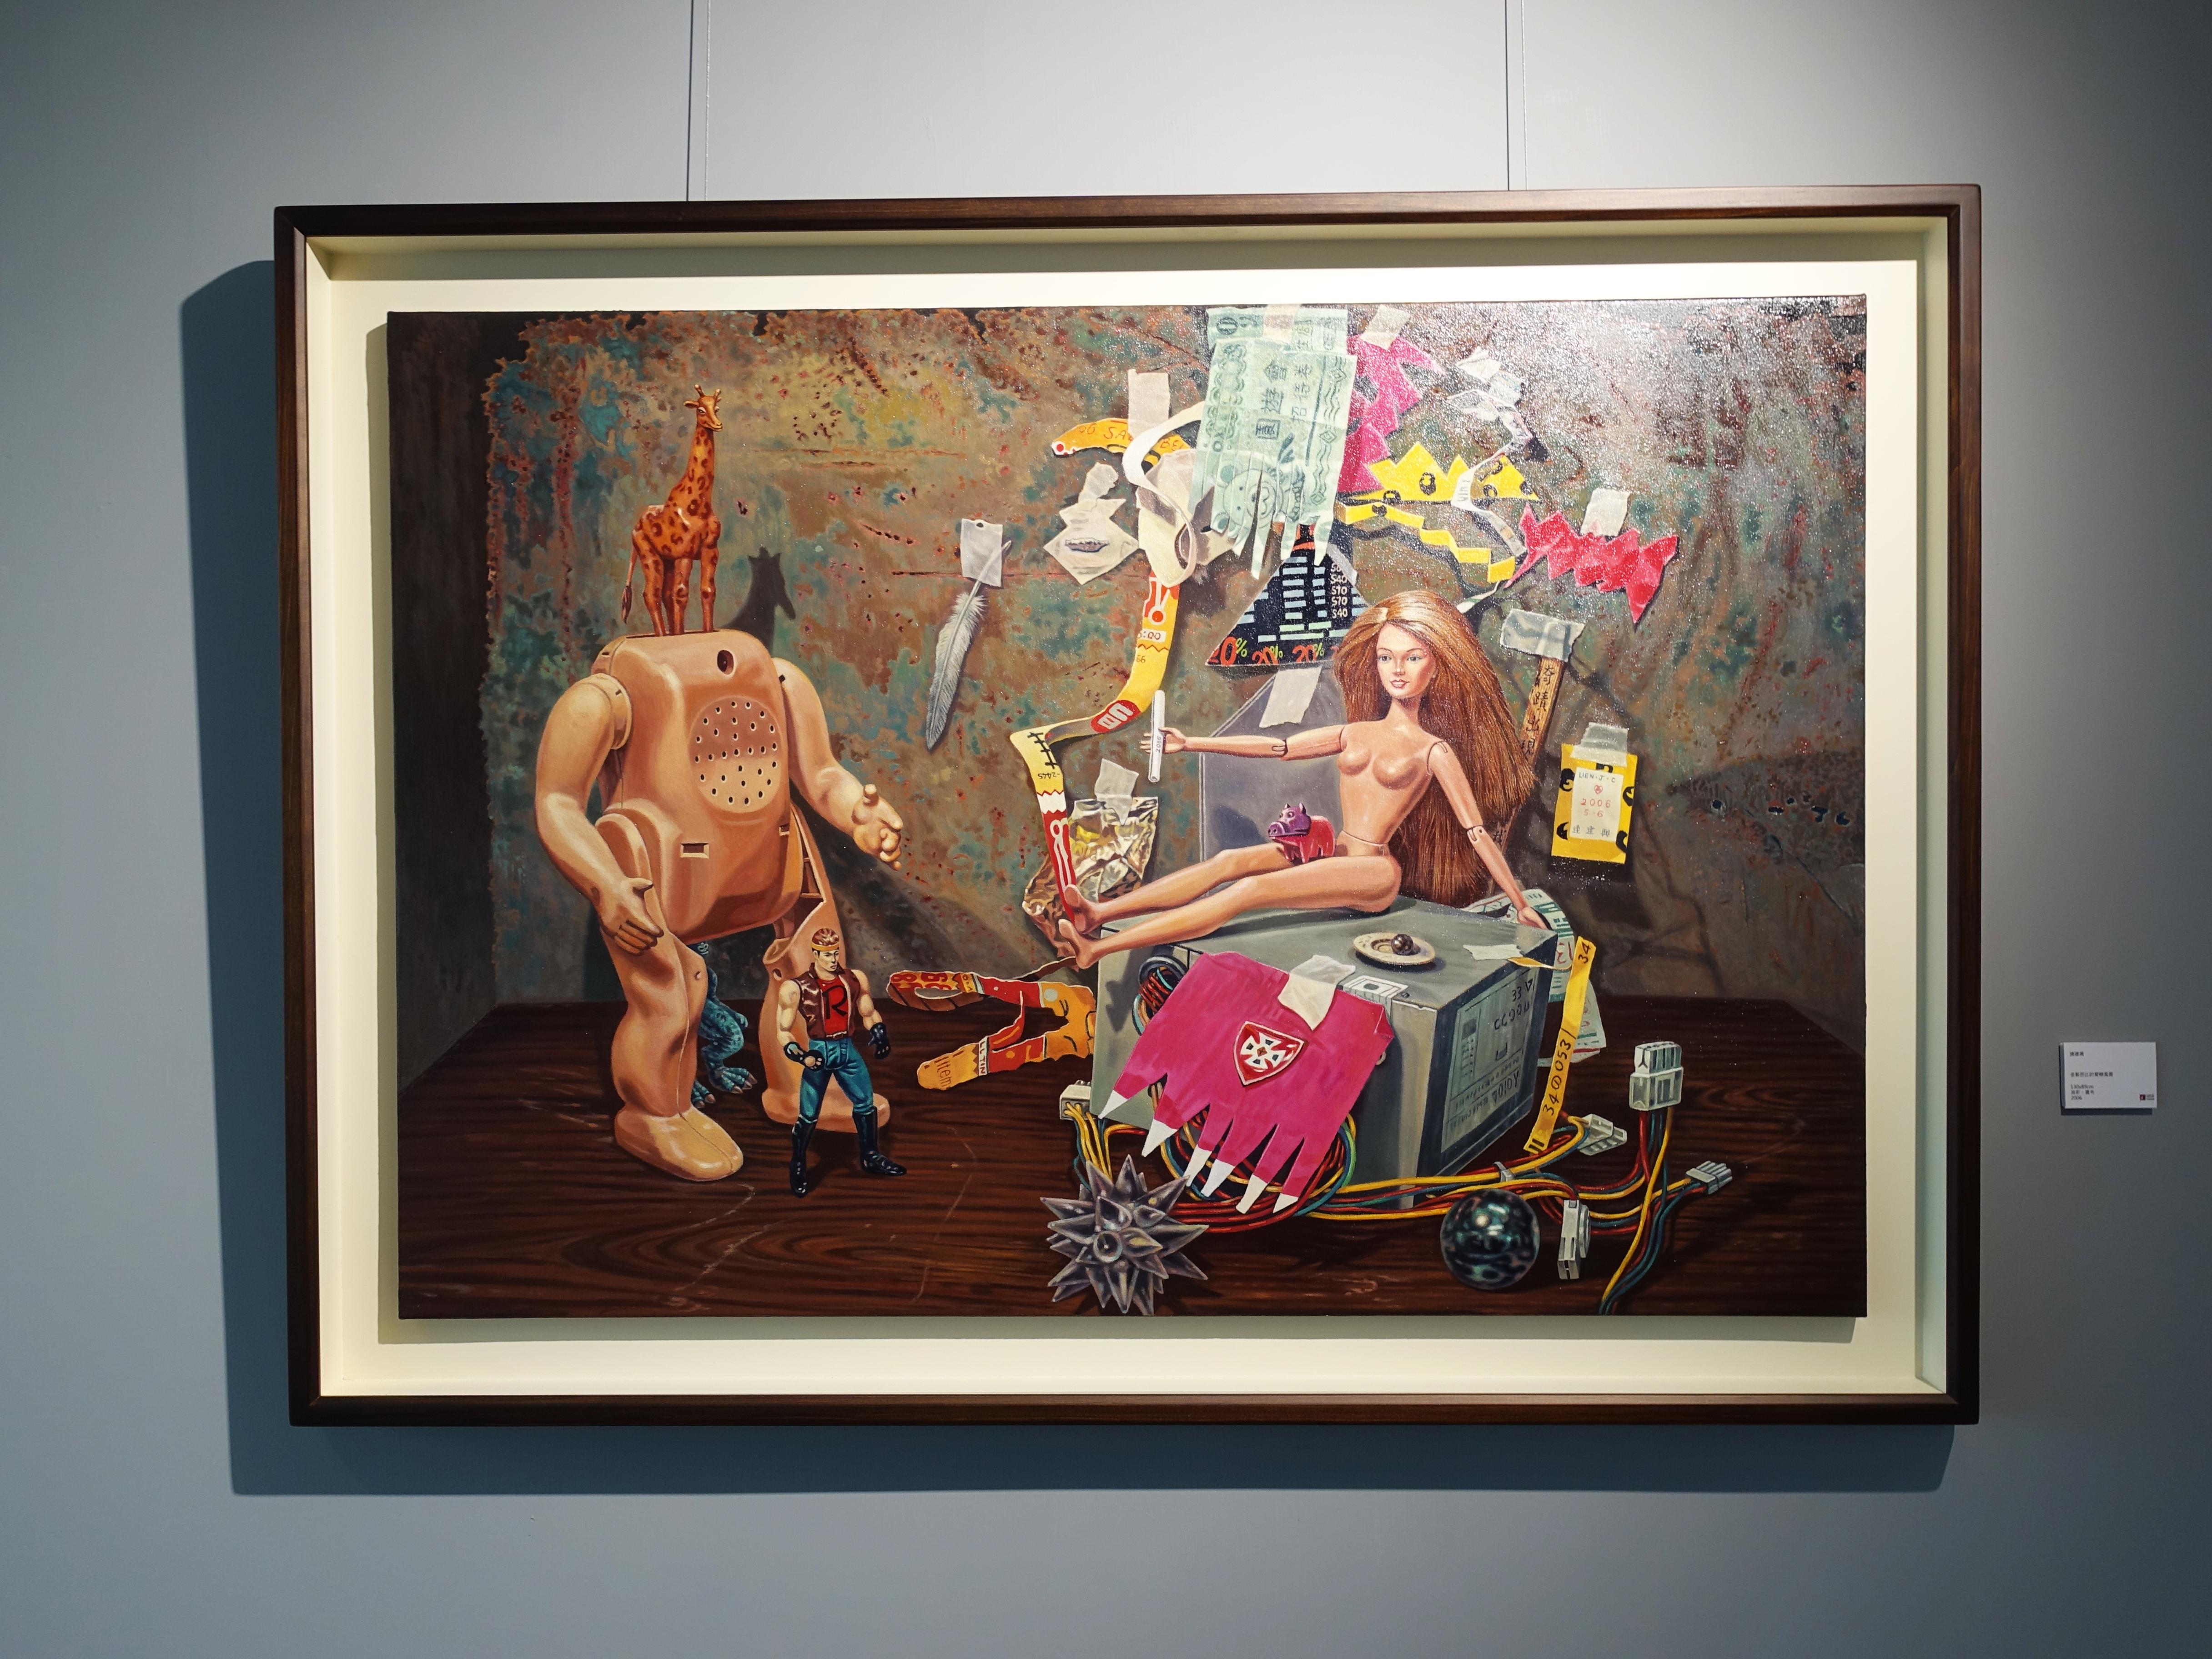 連建興,《金髮芭比的愛戀風雲》,130 x 89 cm,油彩、畫布,2006。